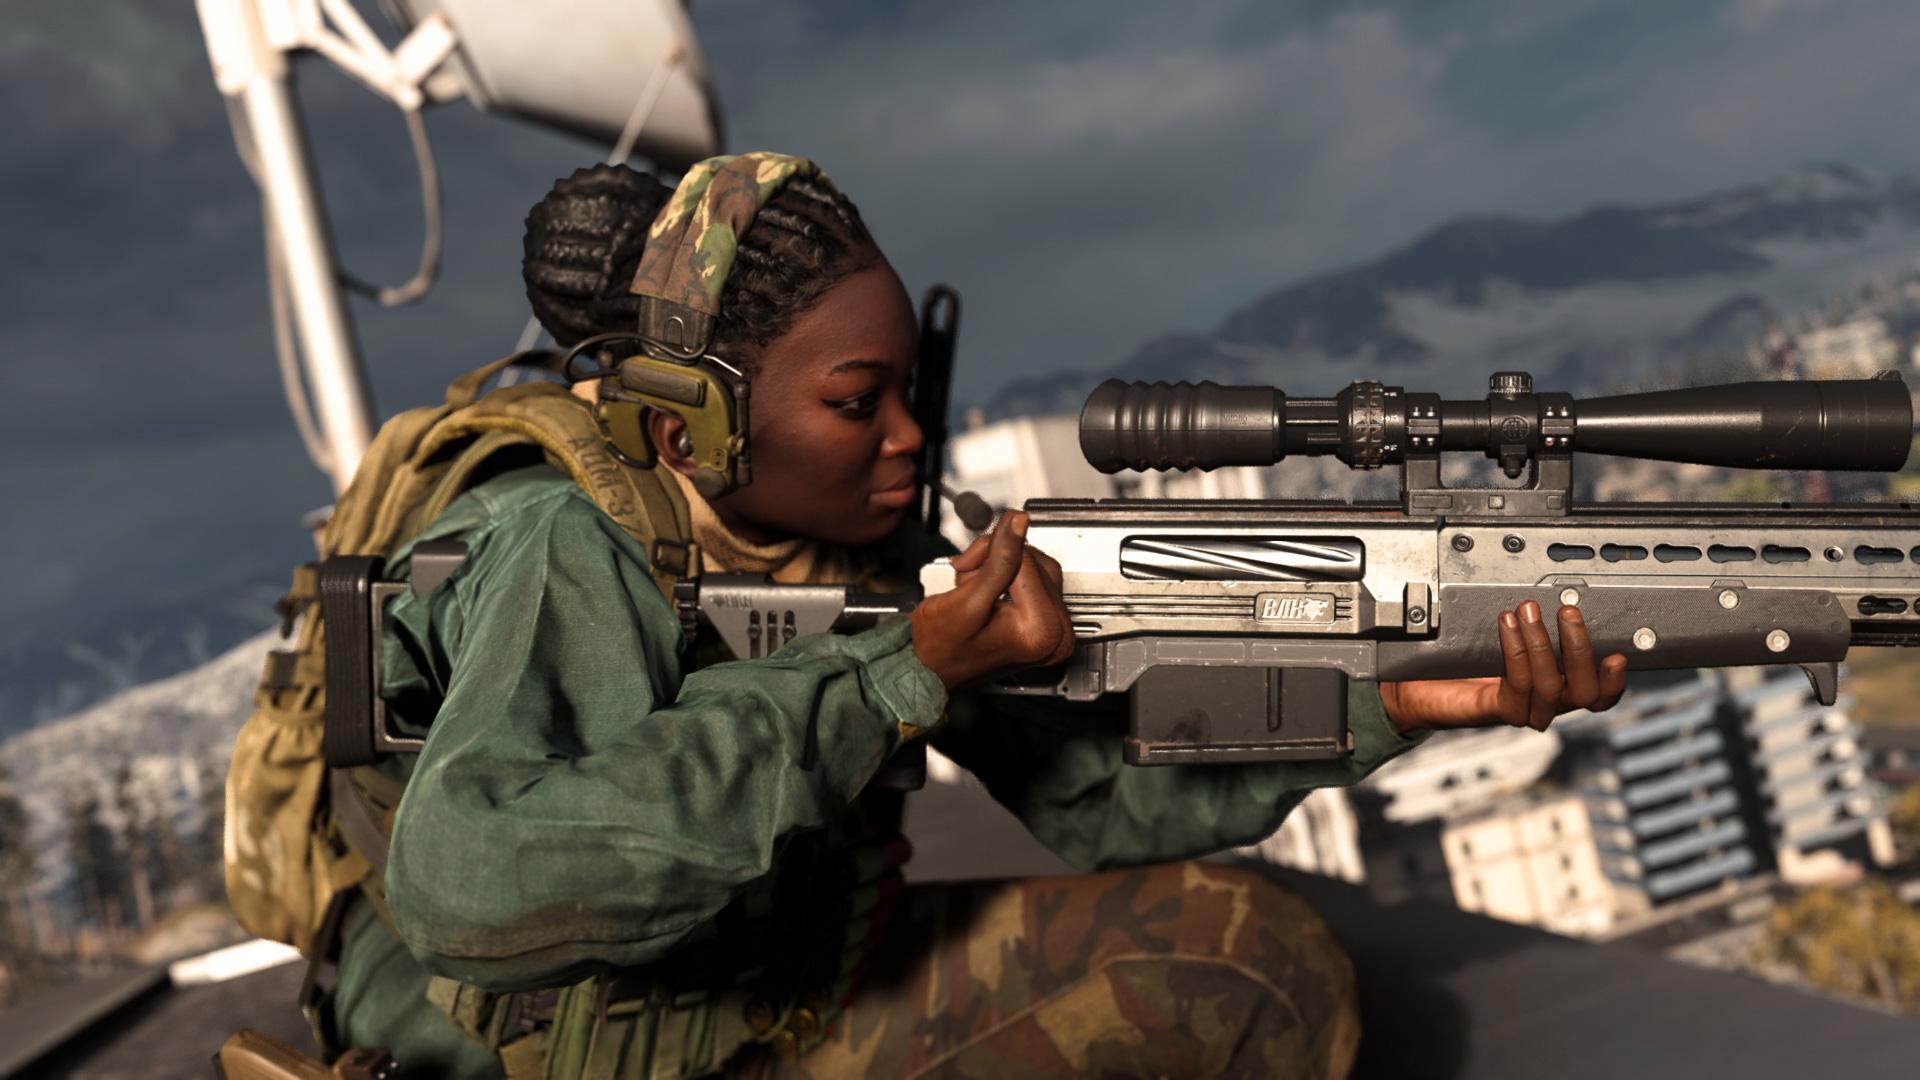 الـ Sniper أو بندقية القنص هي خيارك المثالي للعب